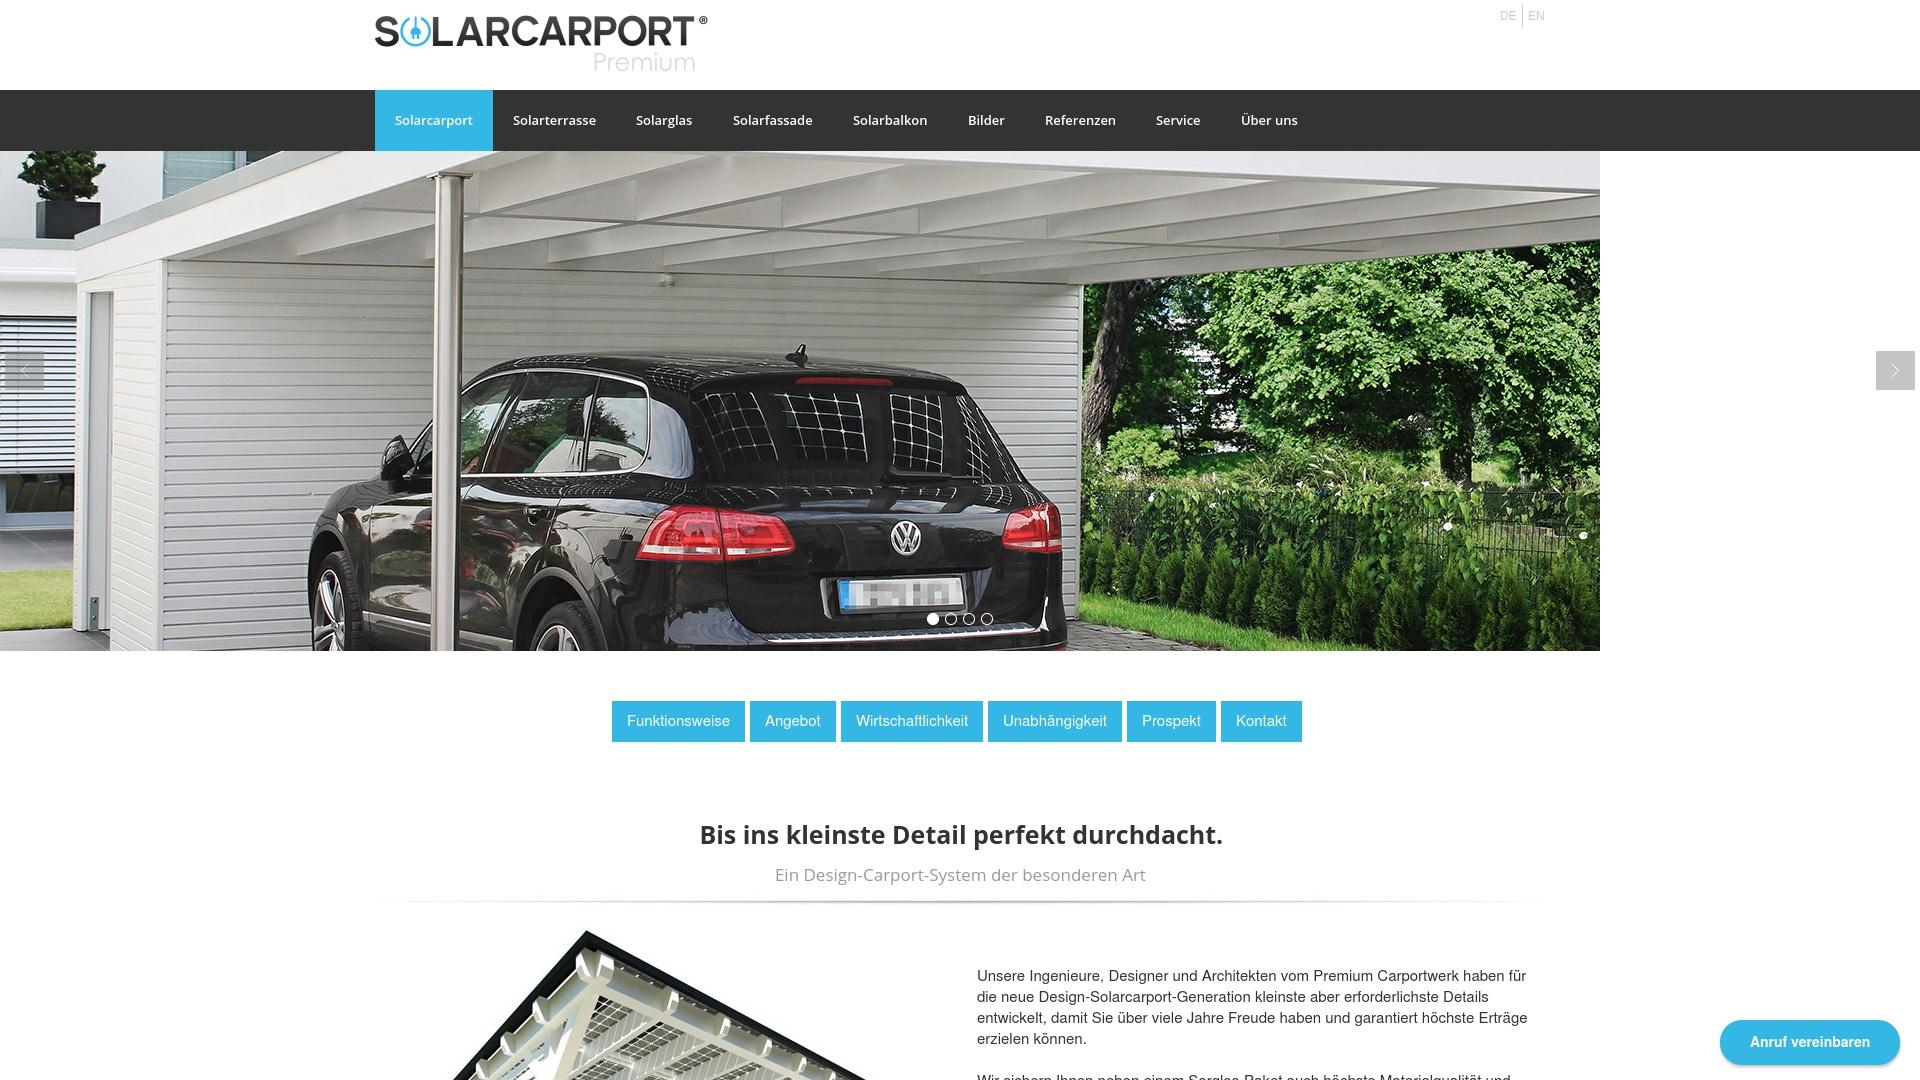 Gutschein für Solarcarporte: Rabatte für  Solarcarporte sichern